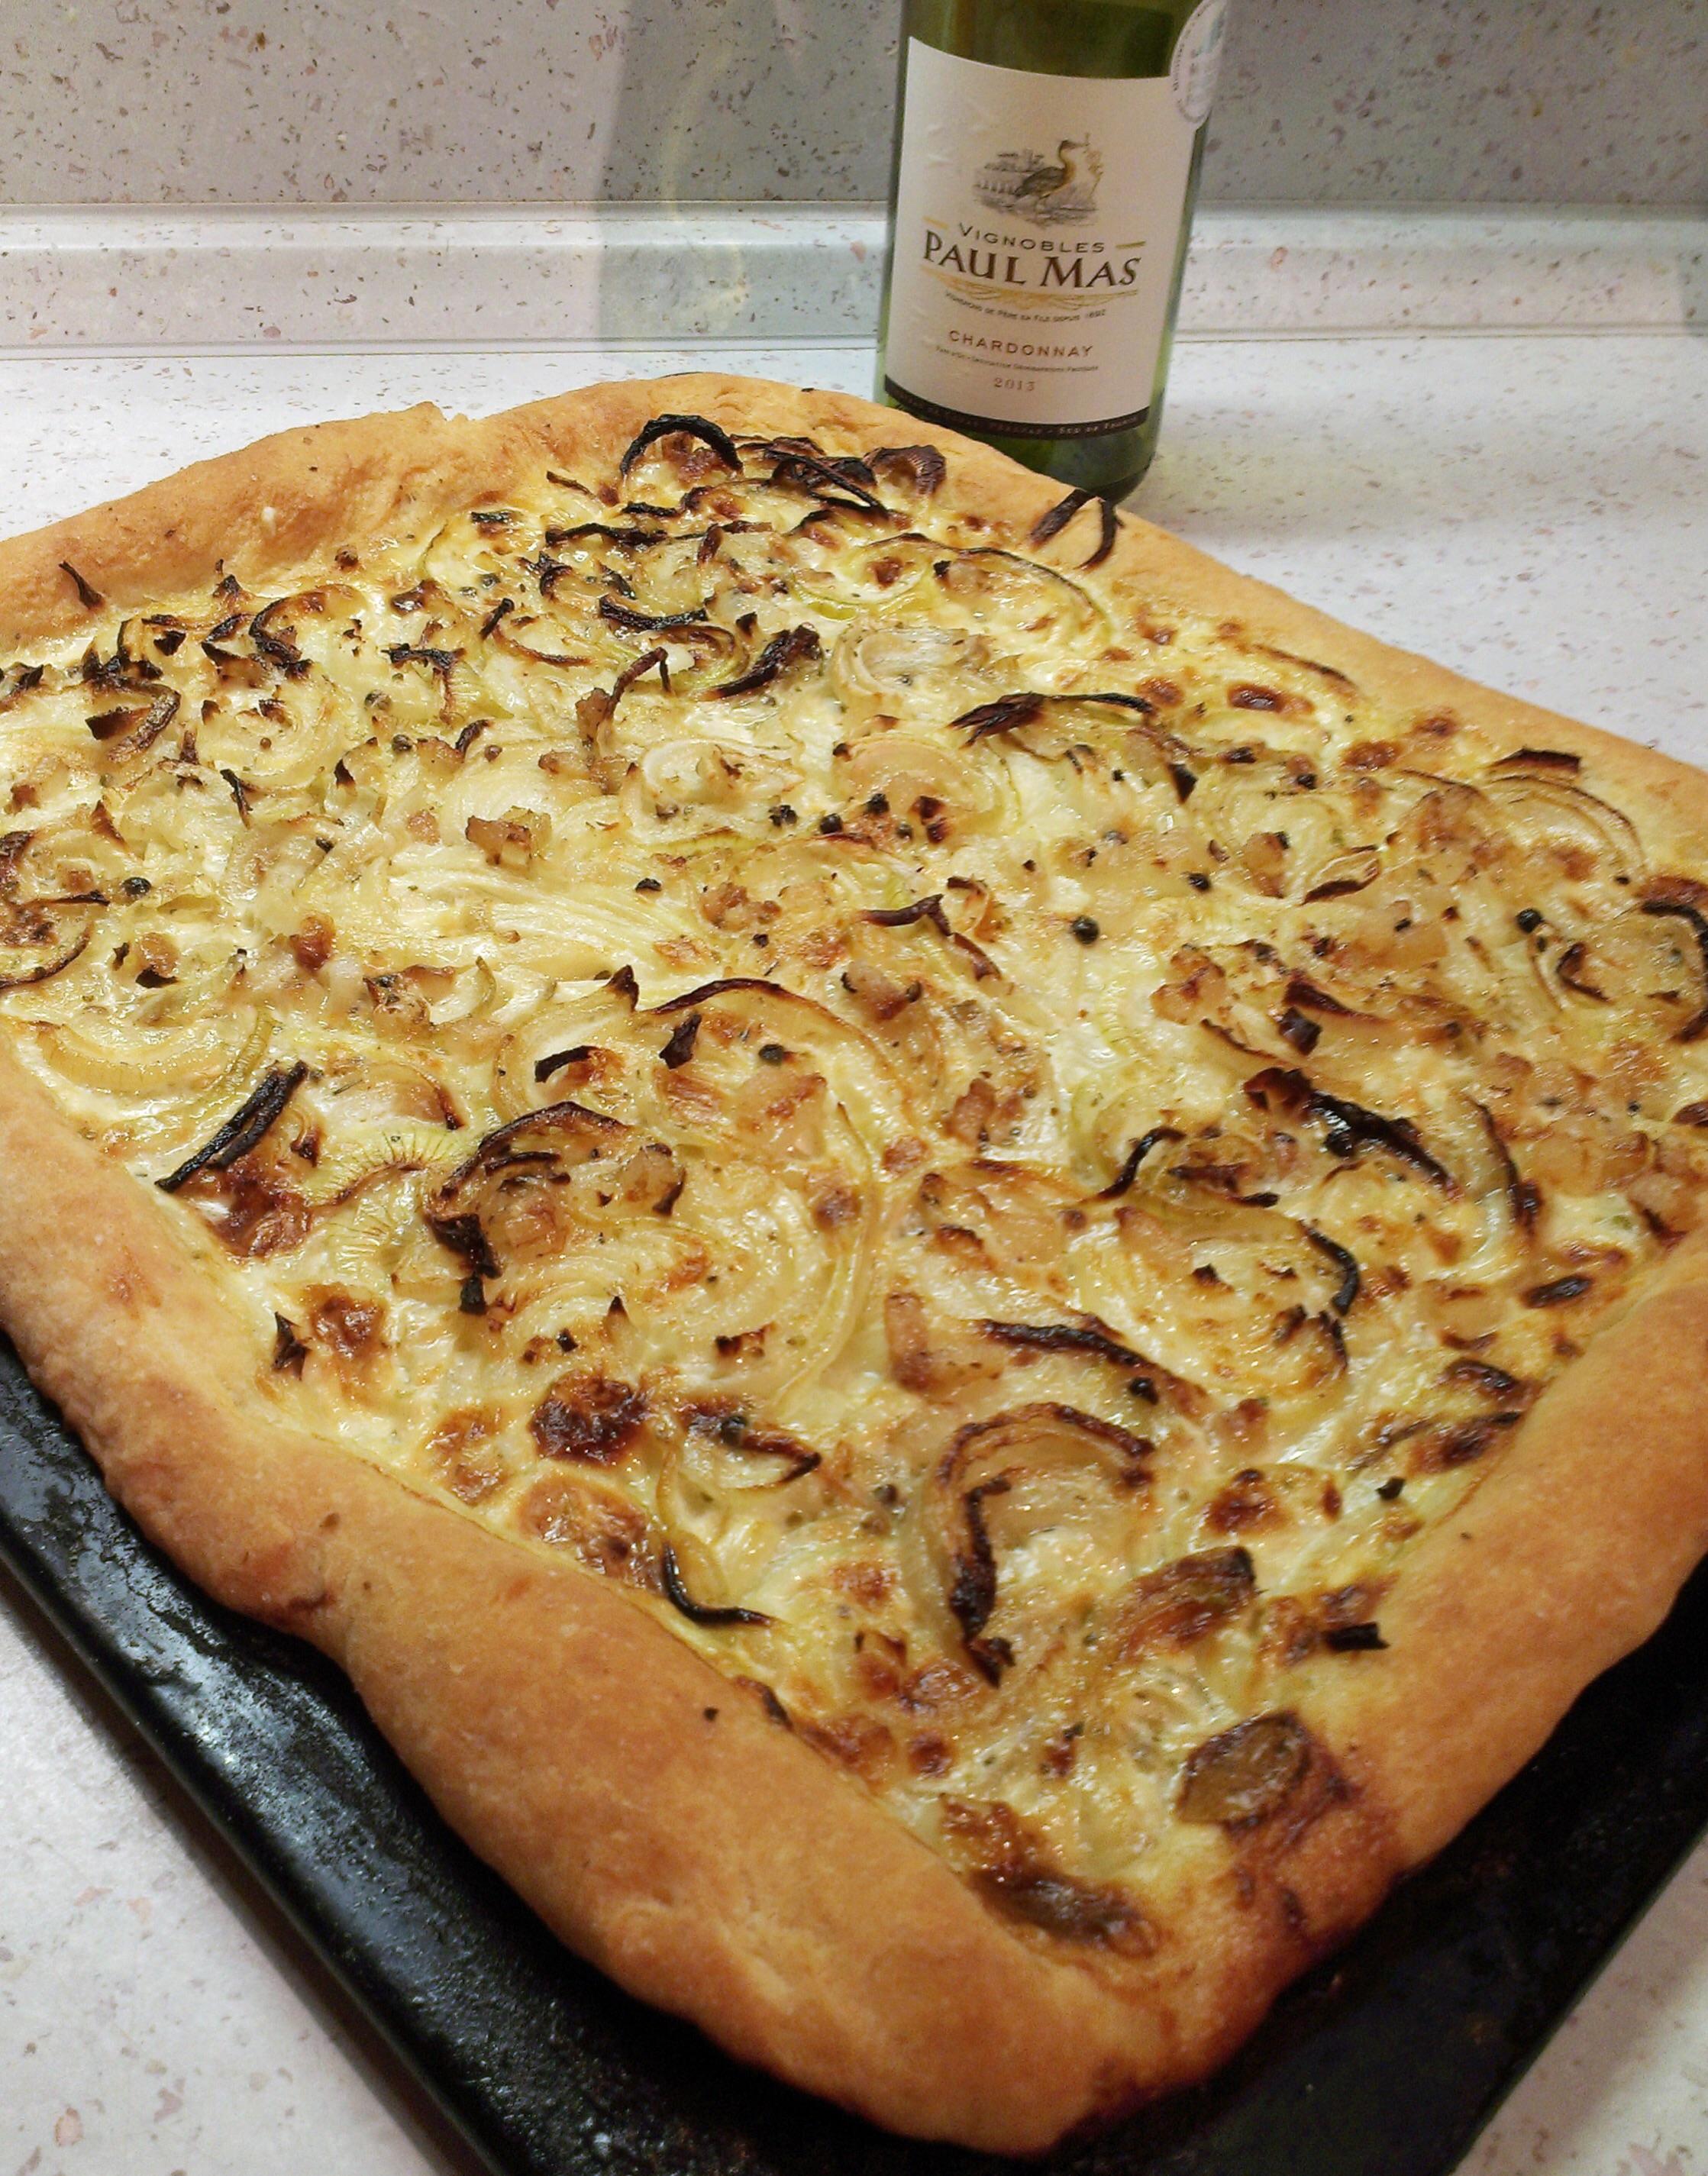 Cibulový koláč s iberijským špekem